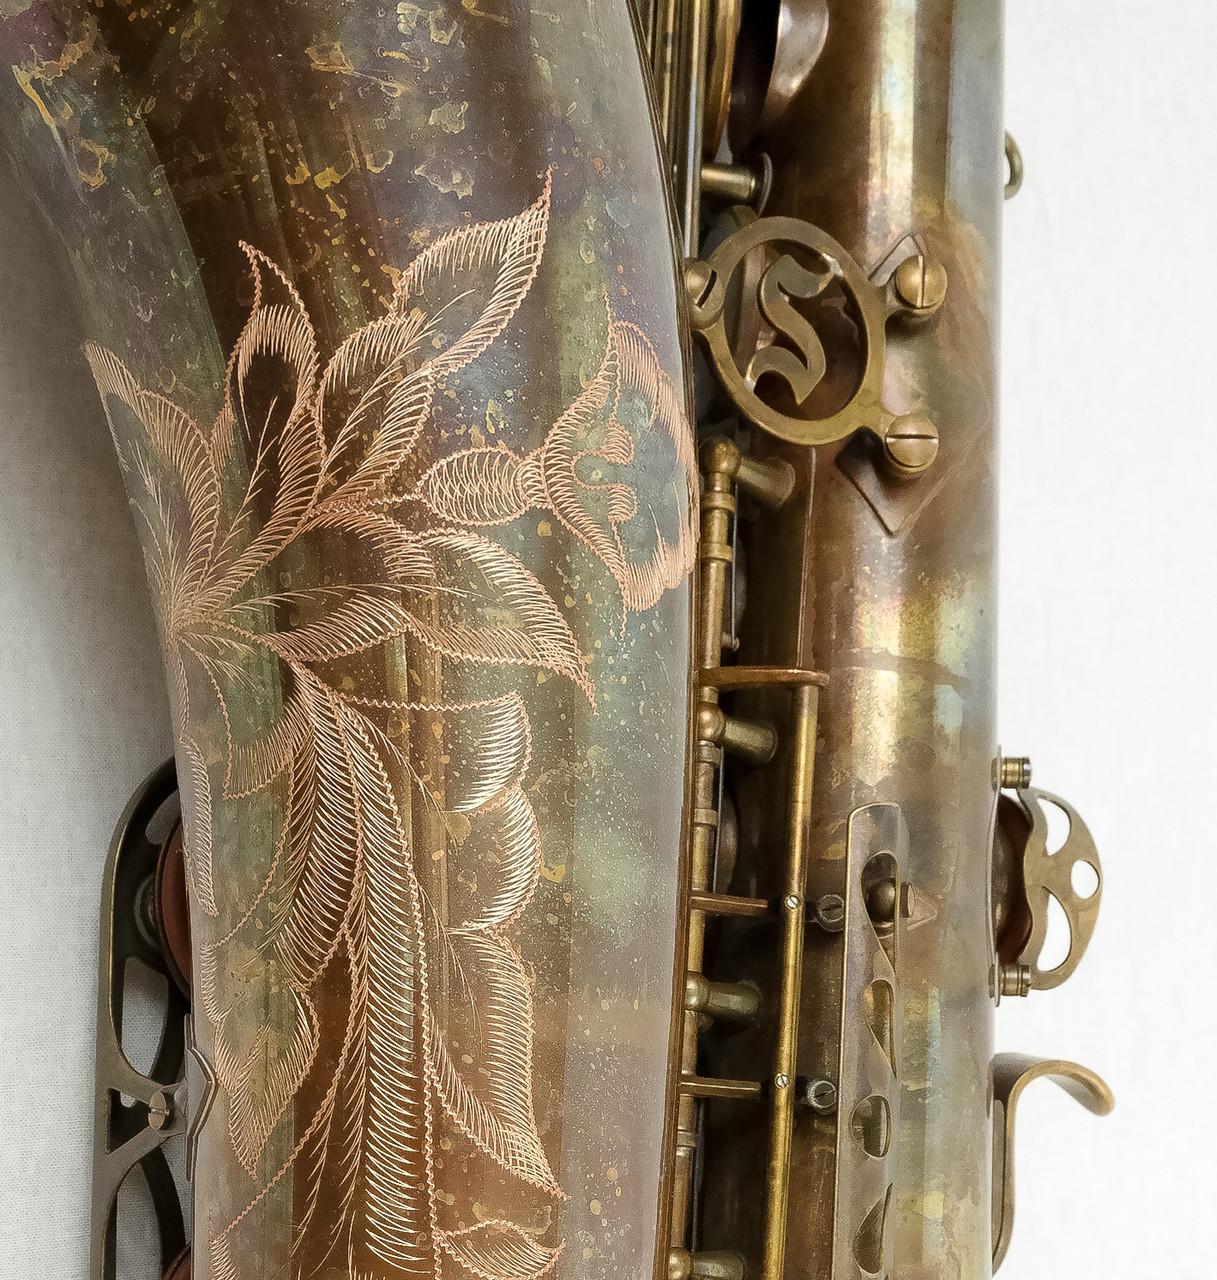 conn selmer 380 tenor sax 1